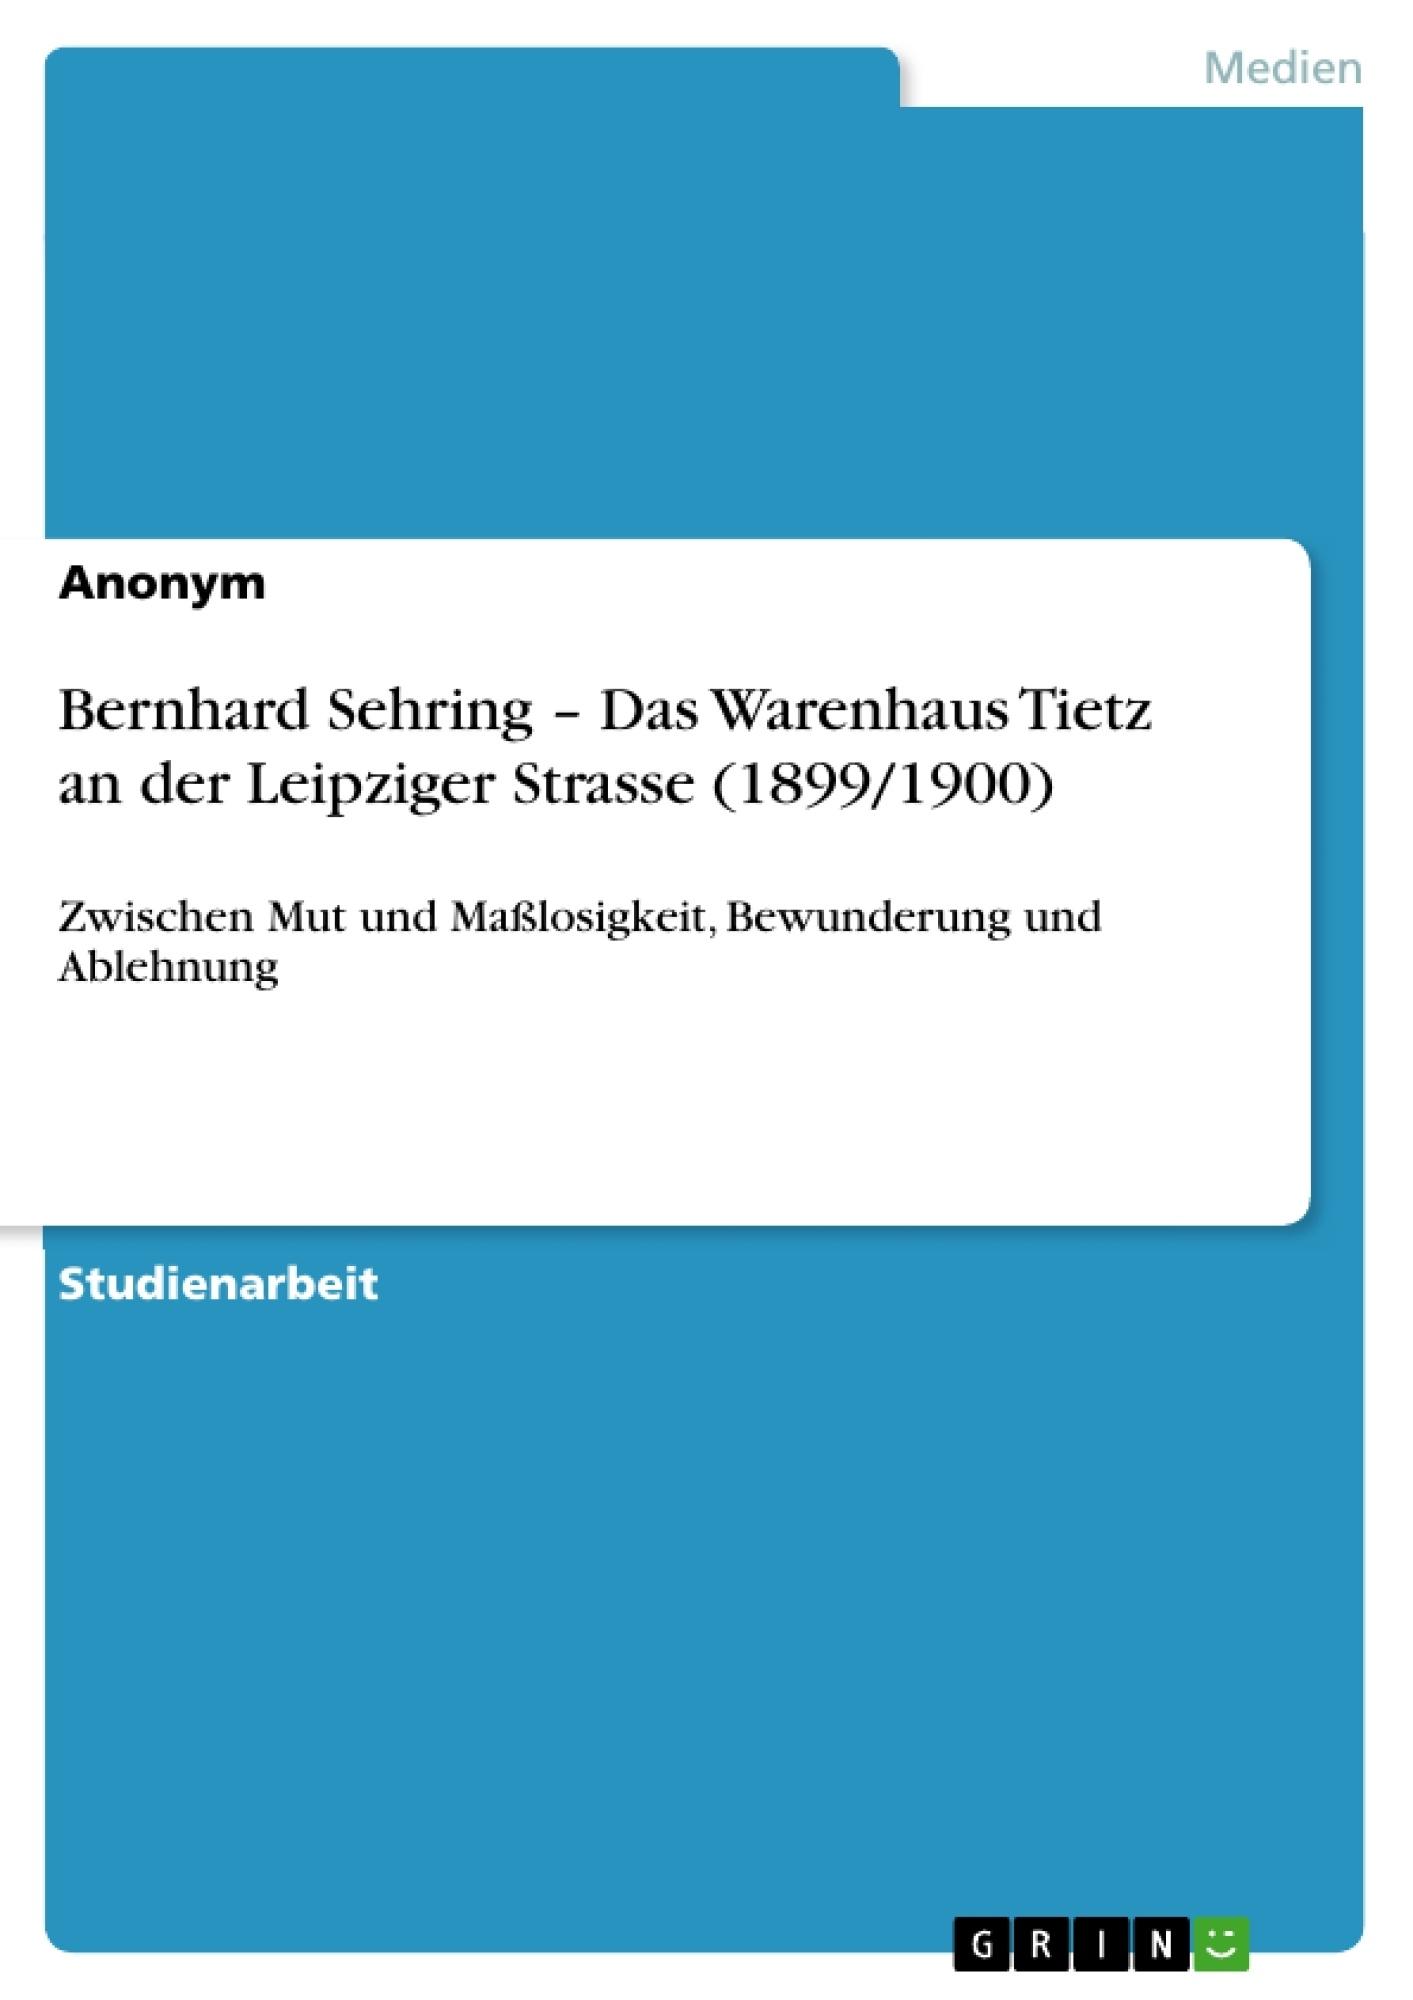 Titel: Bernhard Sehring – Das Warenhaus Tietz an der Leipziger Strasse (1899/1900)